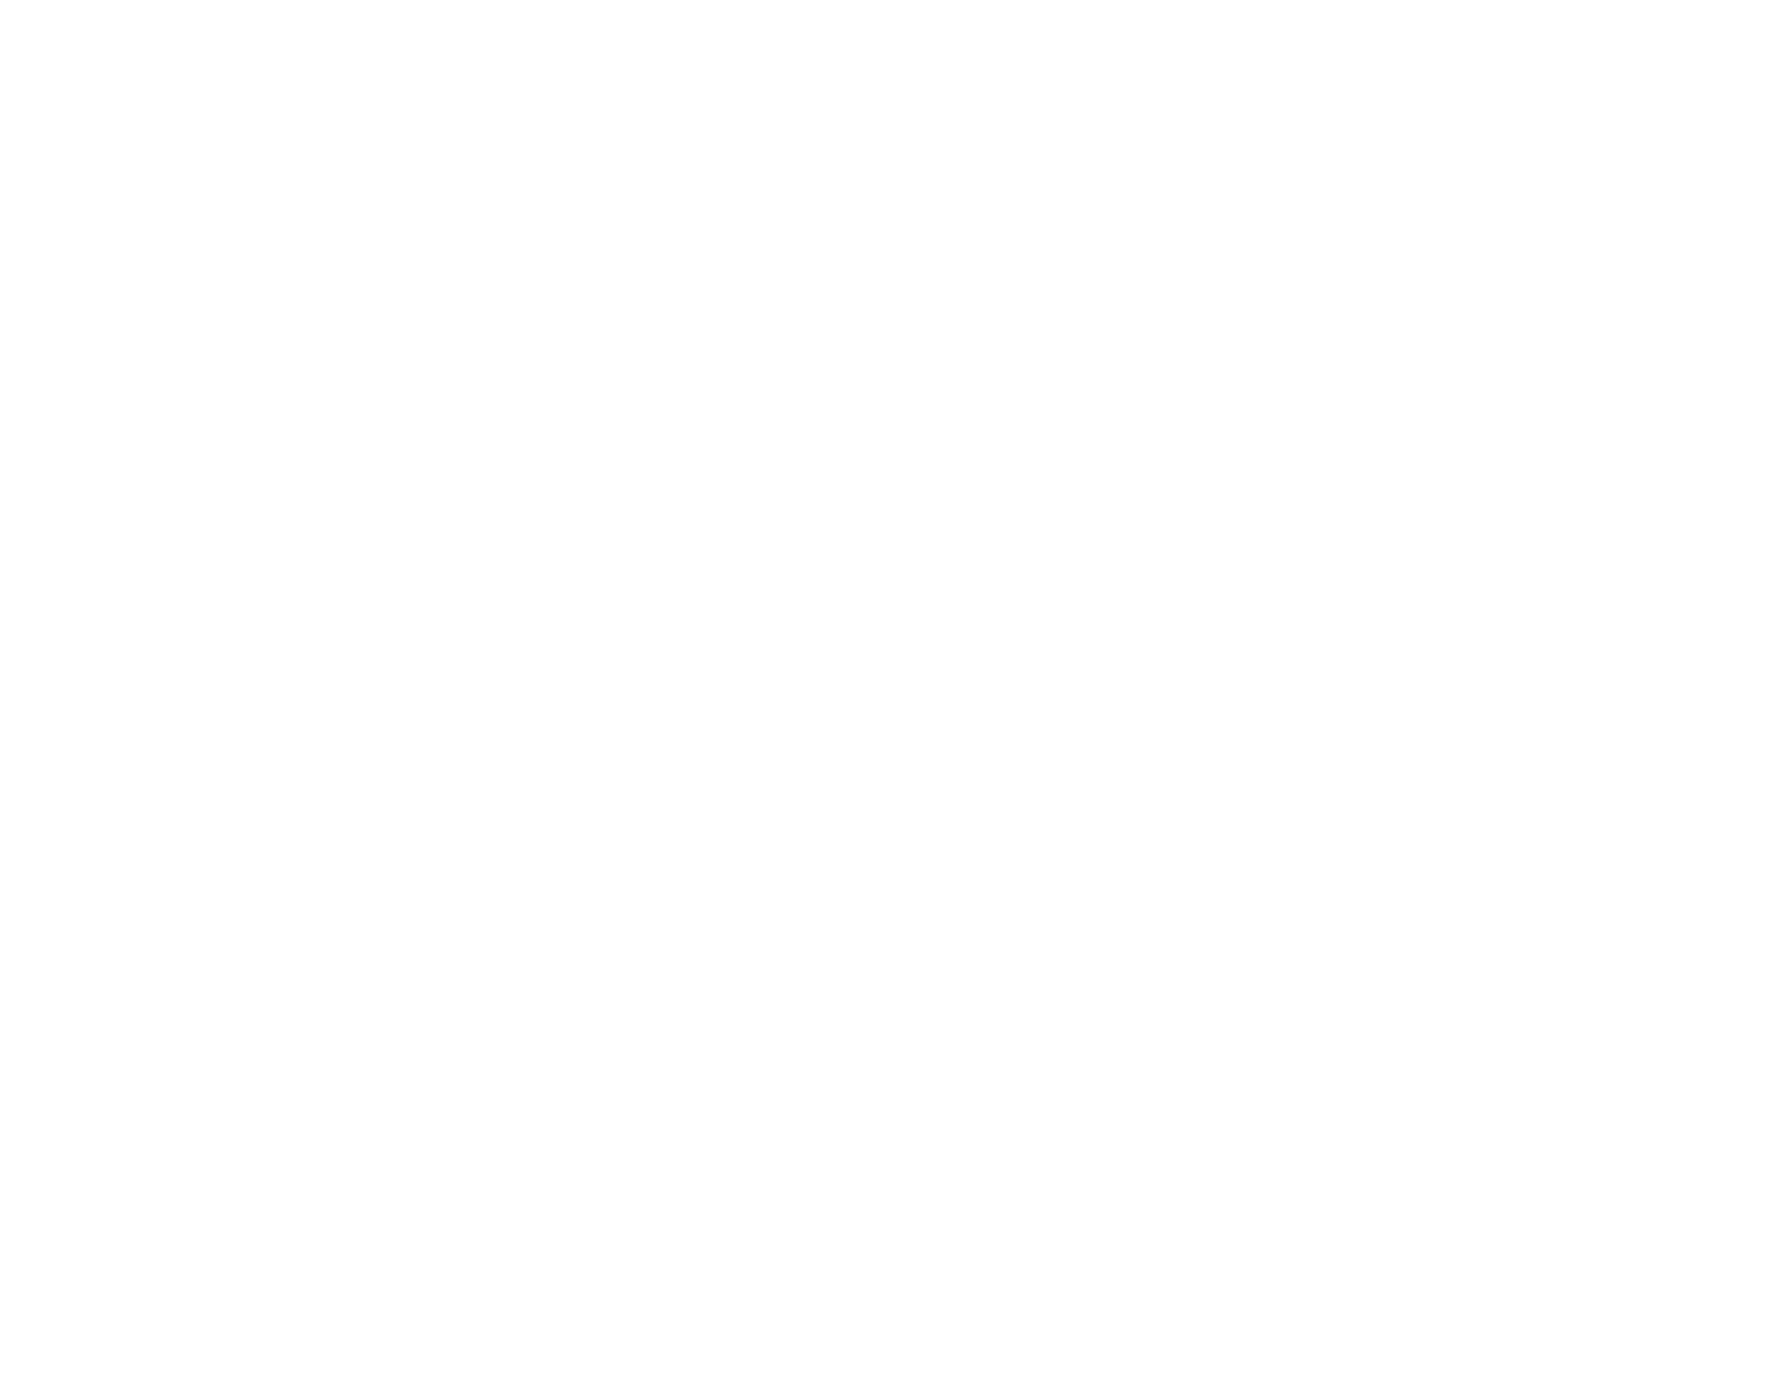 BigOwlBinoscope